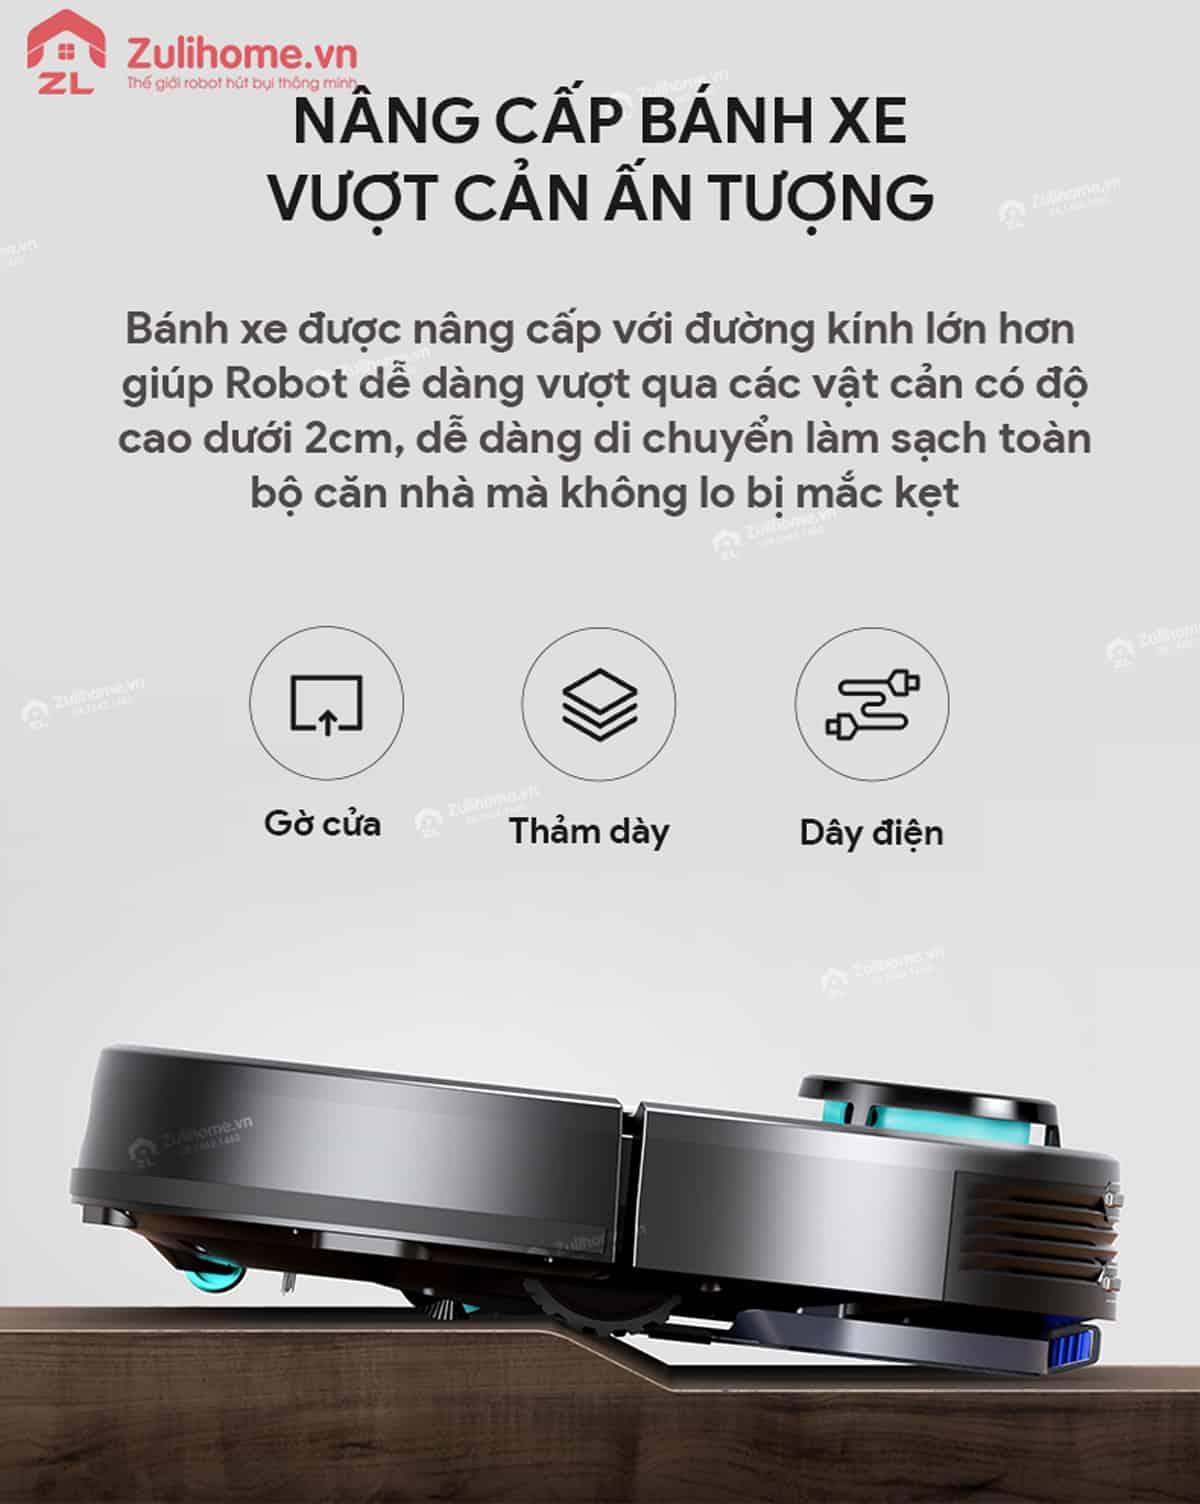 Xiaomi Viomi Yunmi có khả năng vượt cản ấn tượng